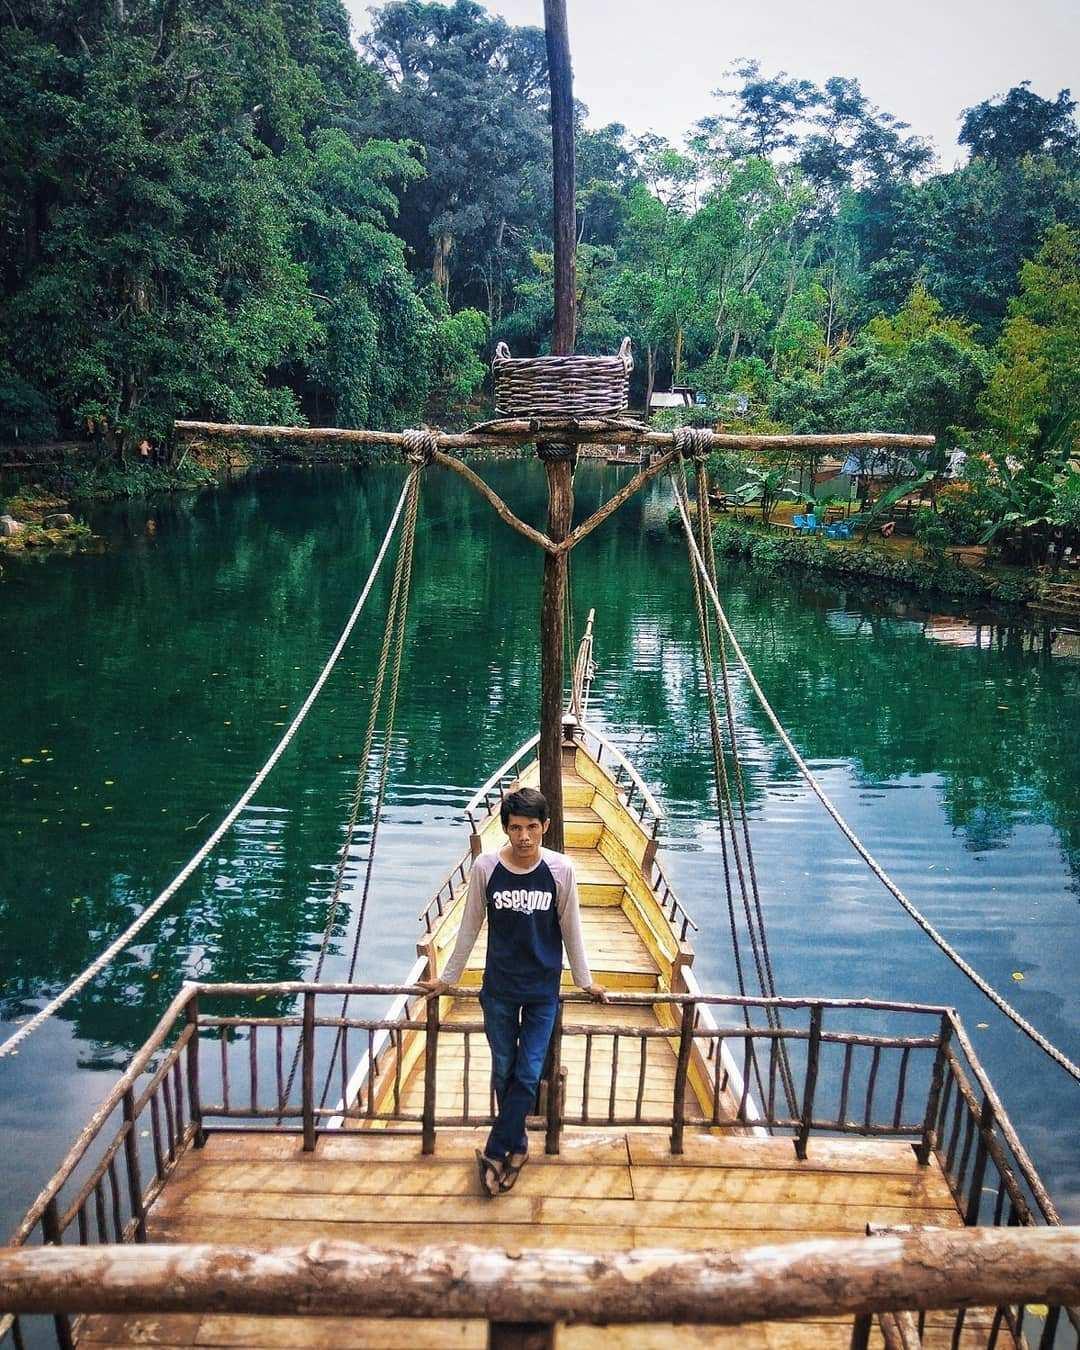 Berfoto di Spot Foto Kapal di Situ Cipanten, Image From @budi_ryan